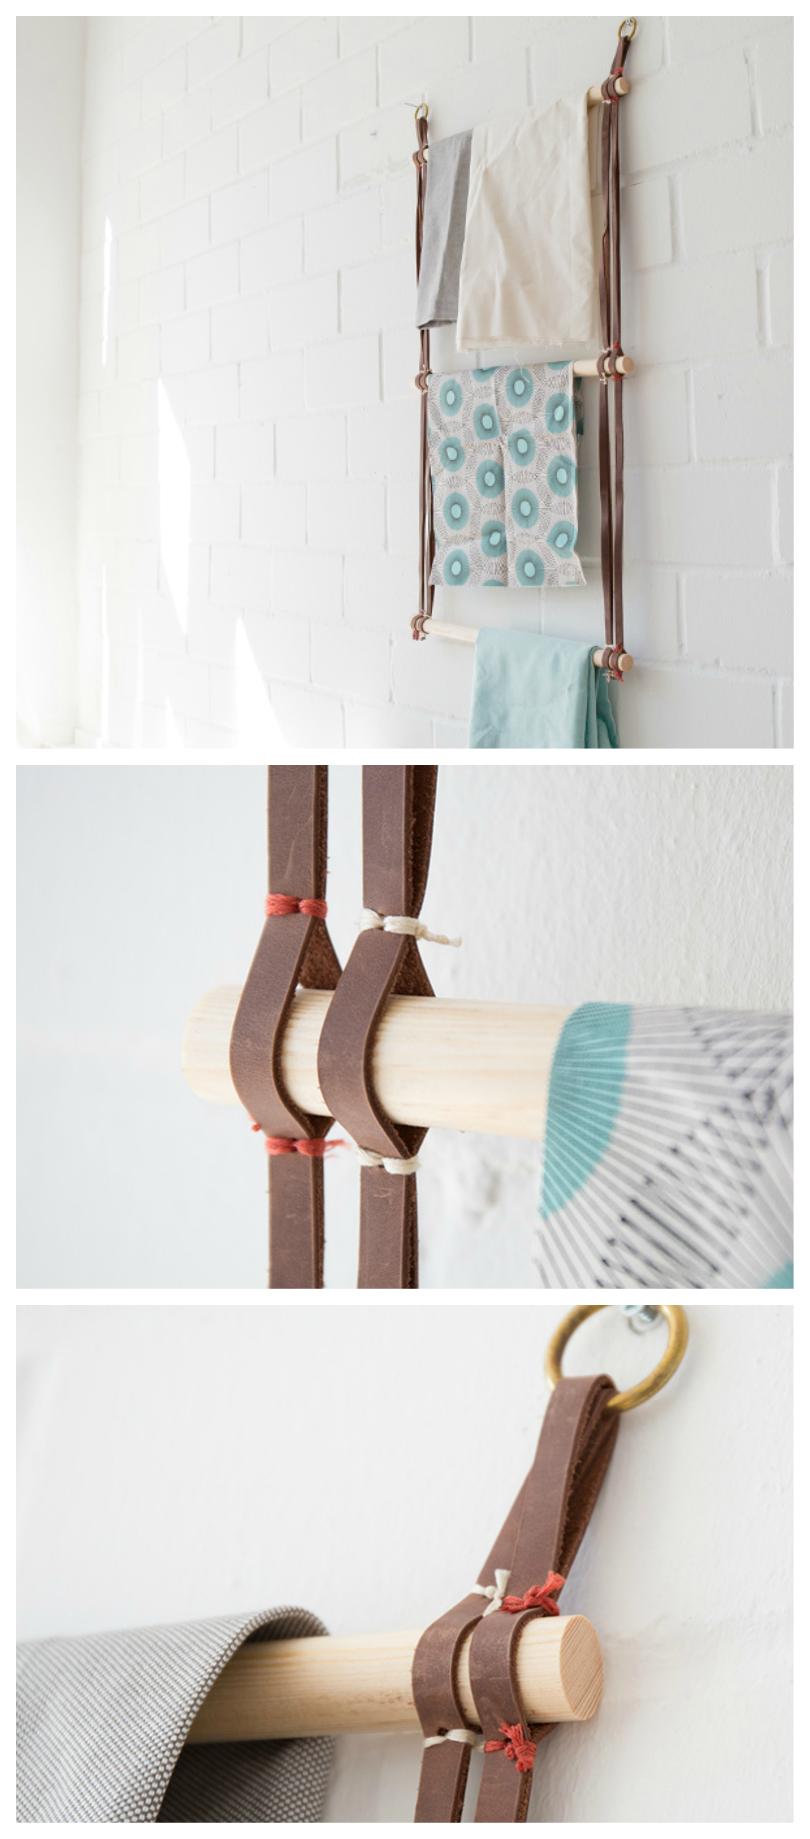 diy-anleitung: leiter für handtücher aus leder und holz selber bauen